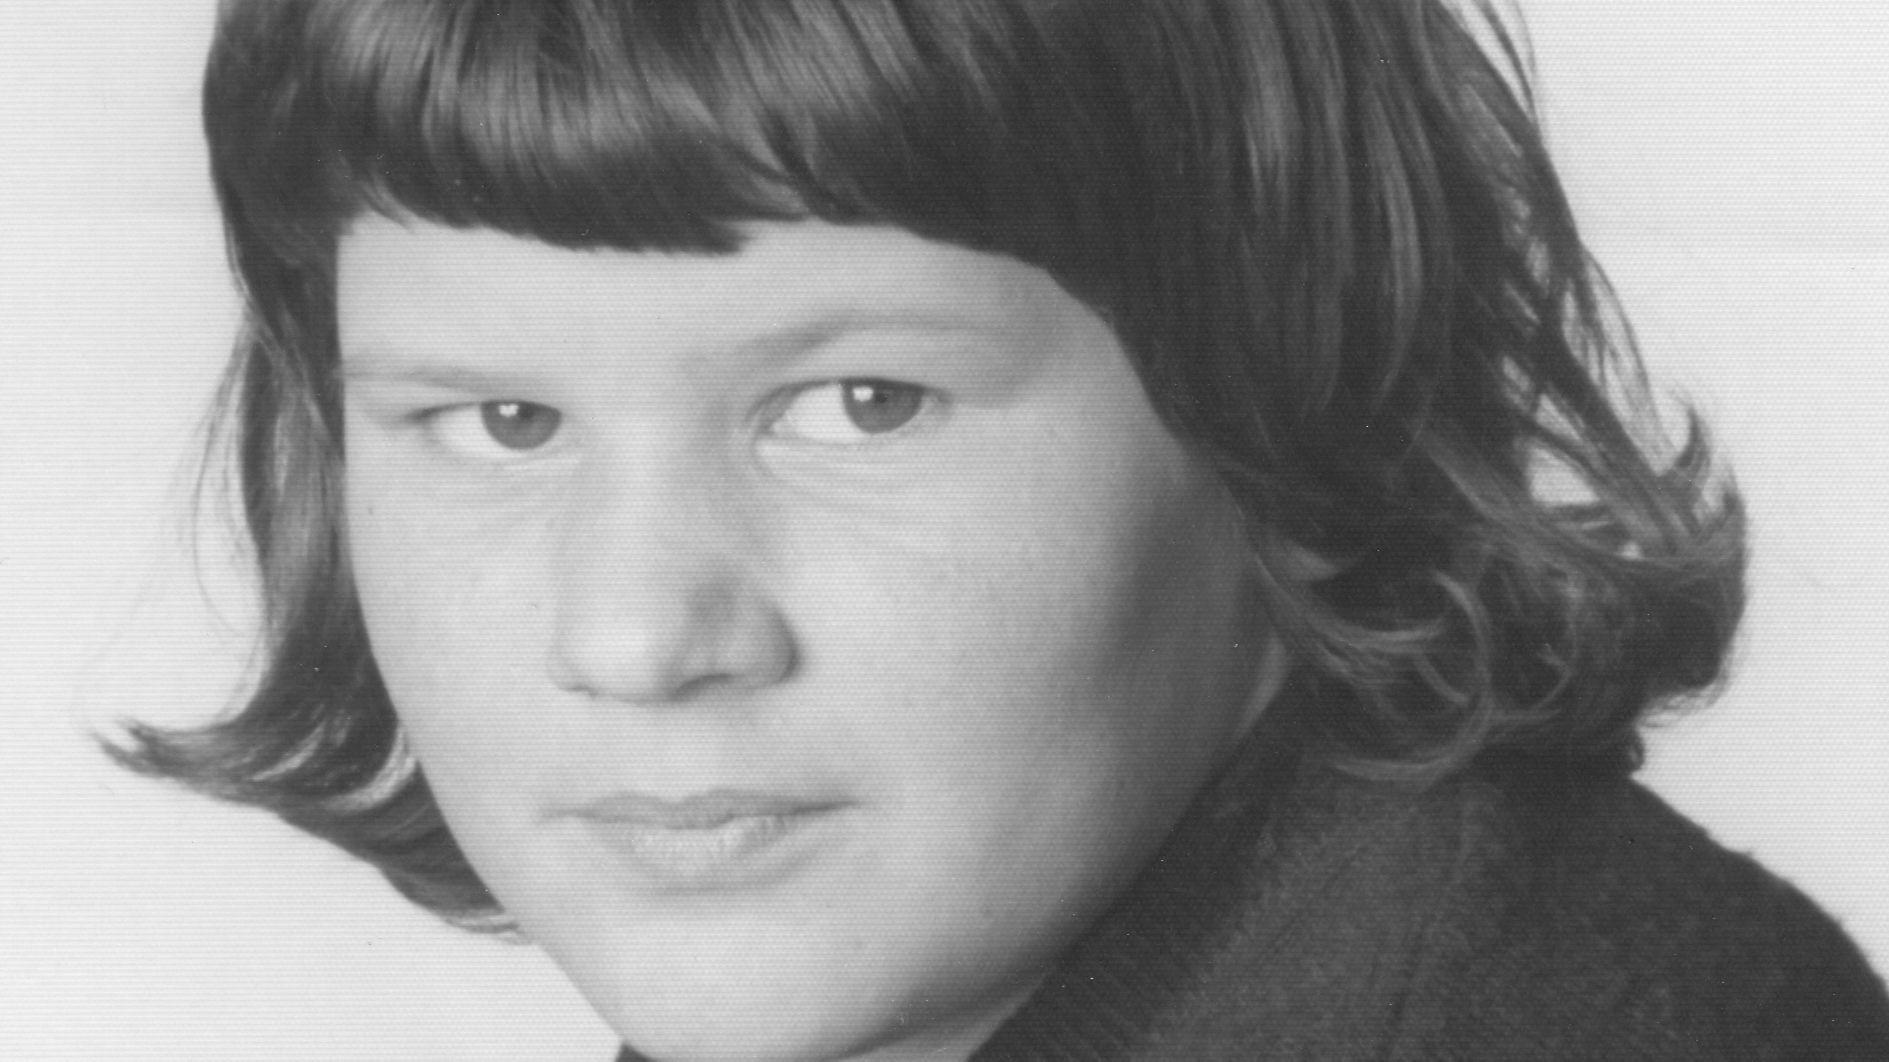 Die damals zwölfjährige Schülerin Monika Frischholz verschwand 1976 spurlos.